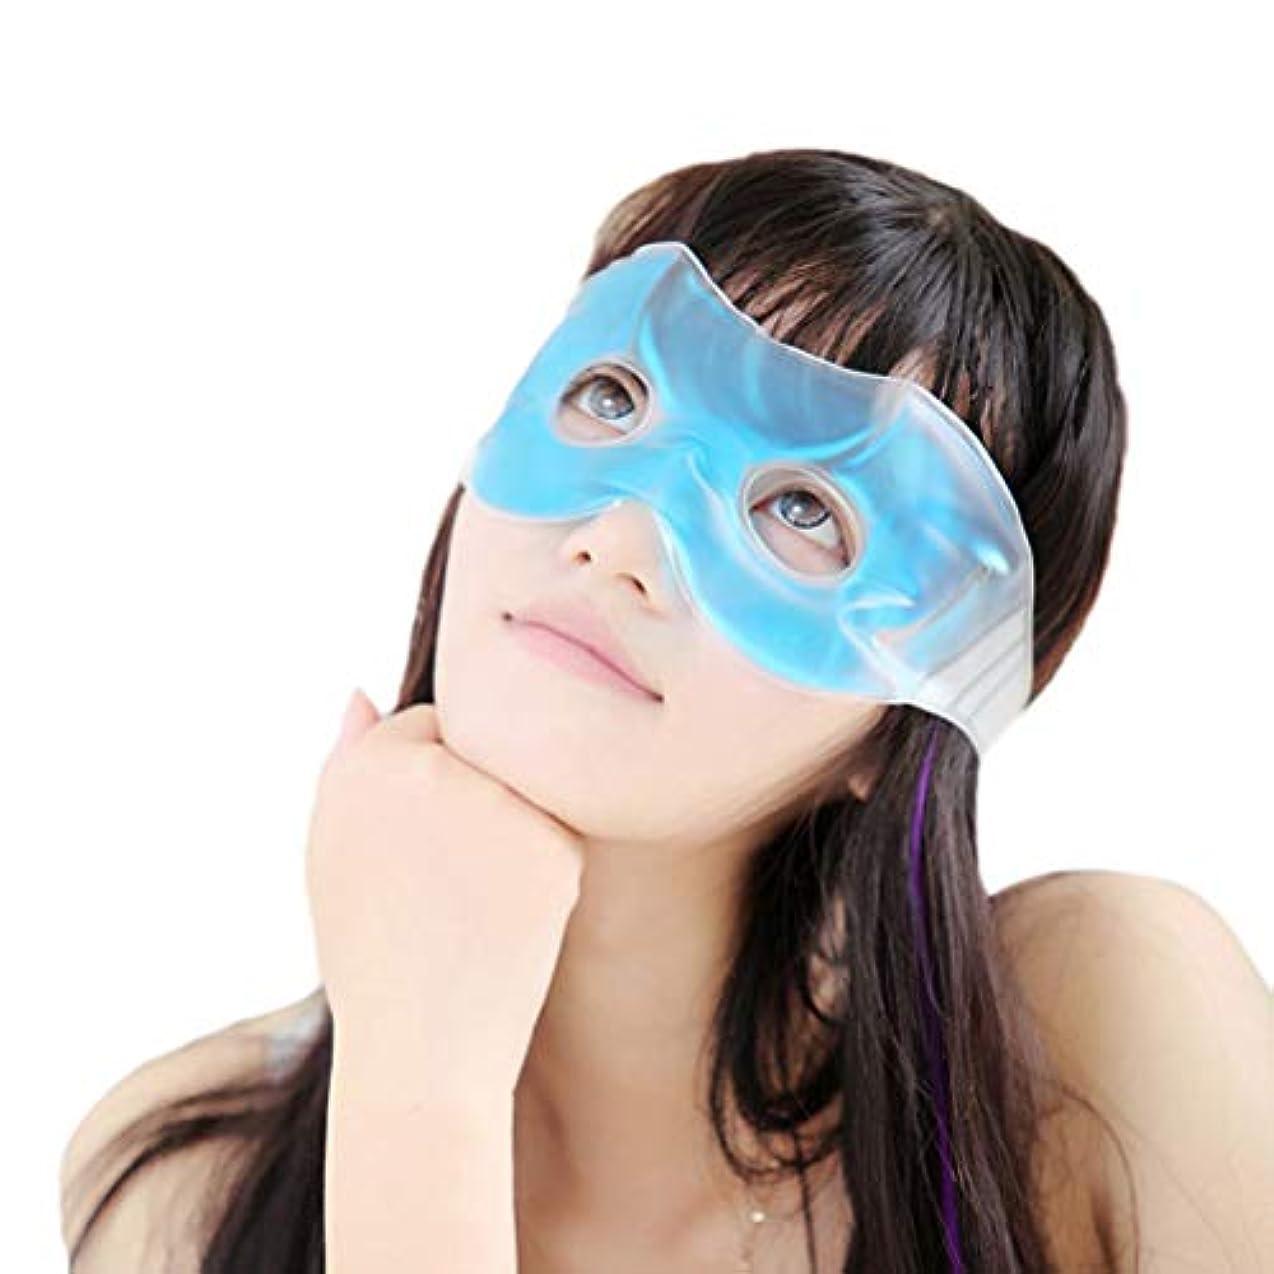 疑い者滅多種をまくHeallilyアイスアイマスク睡眠アイスパッチ冷却リラックスブラインド快適なパッチ用アイパフネスダークサークル